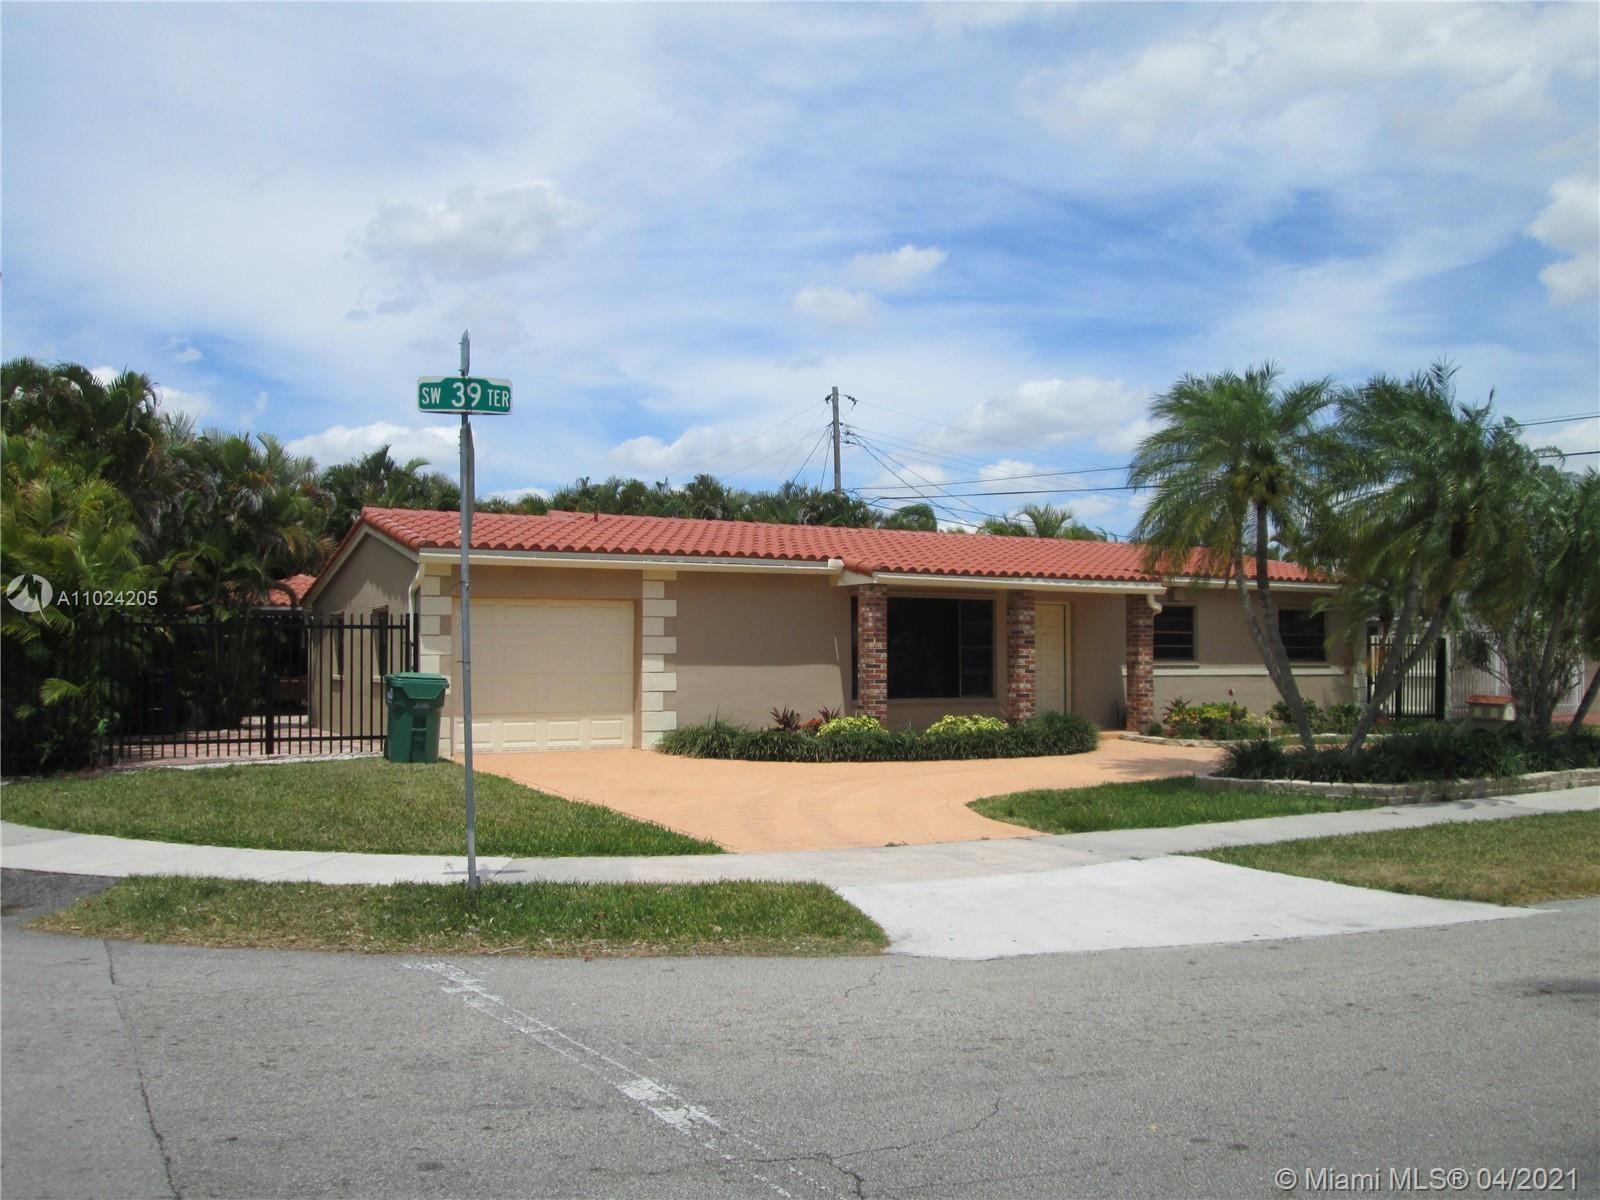 12039 SW 39th Ter, Miami, FL 33175 - #: A11024205